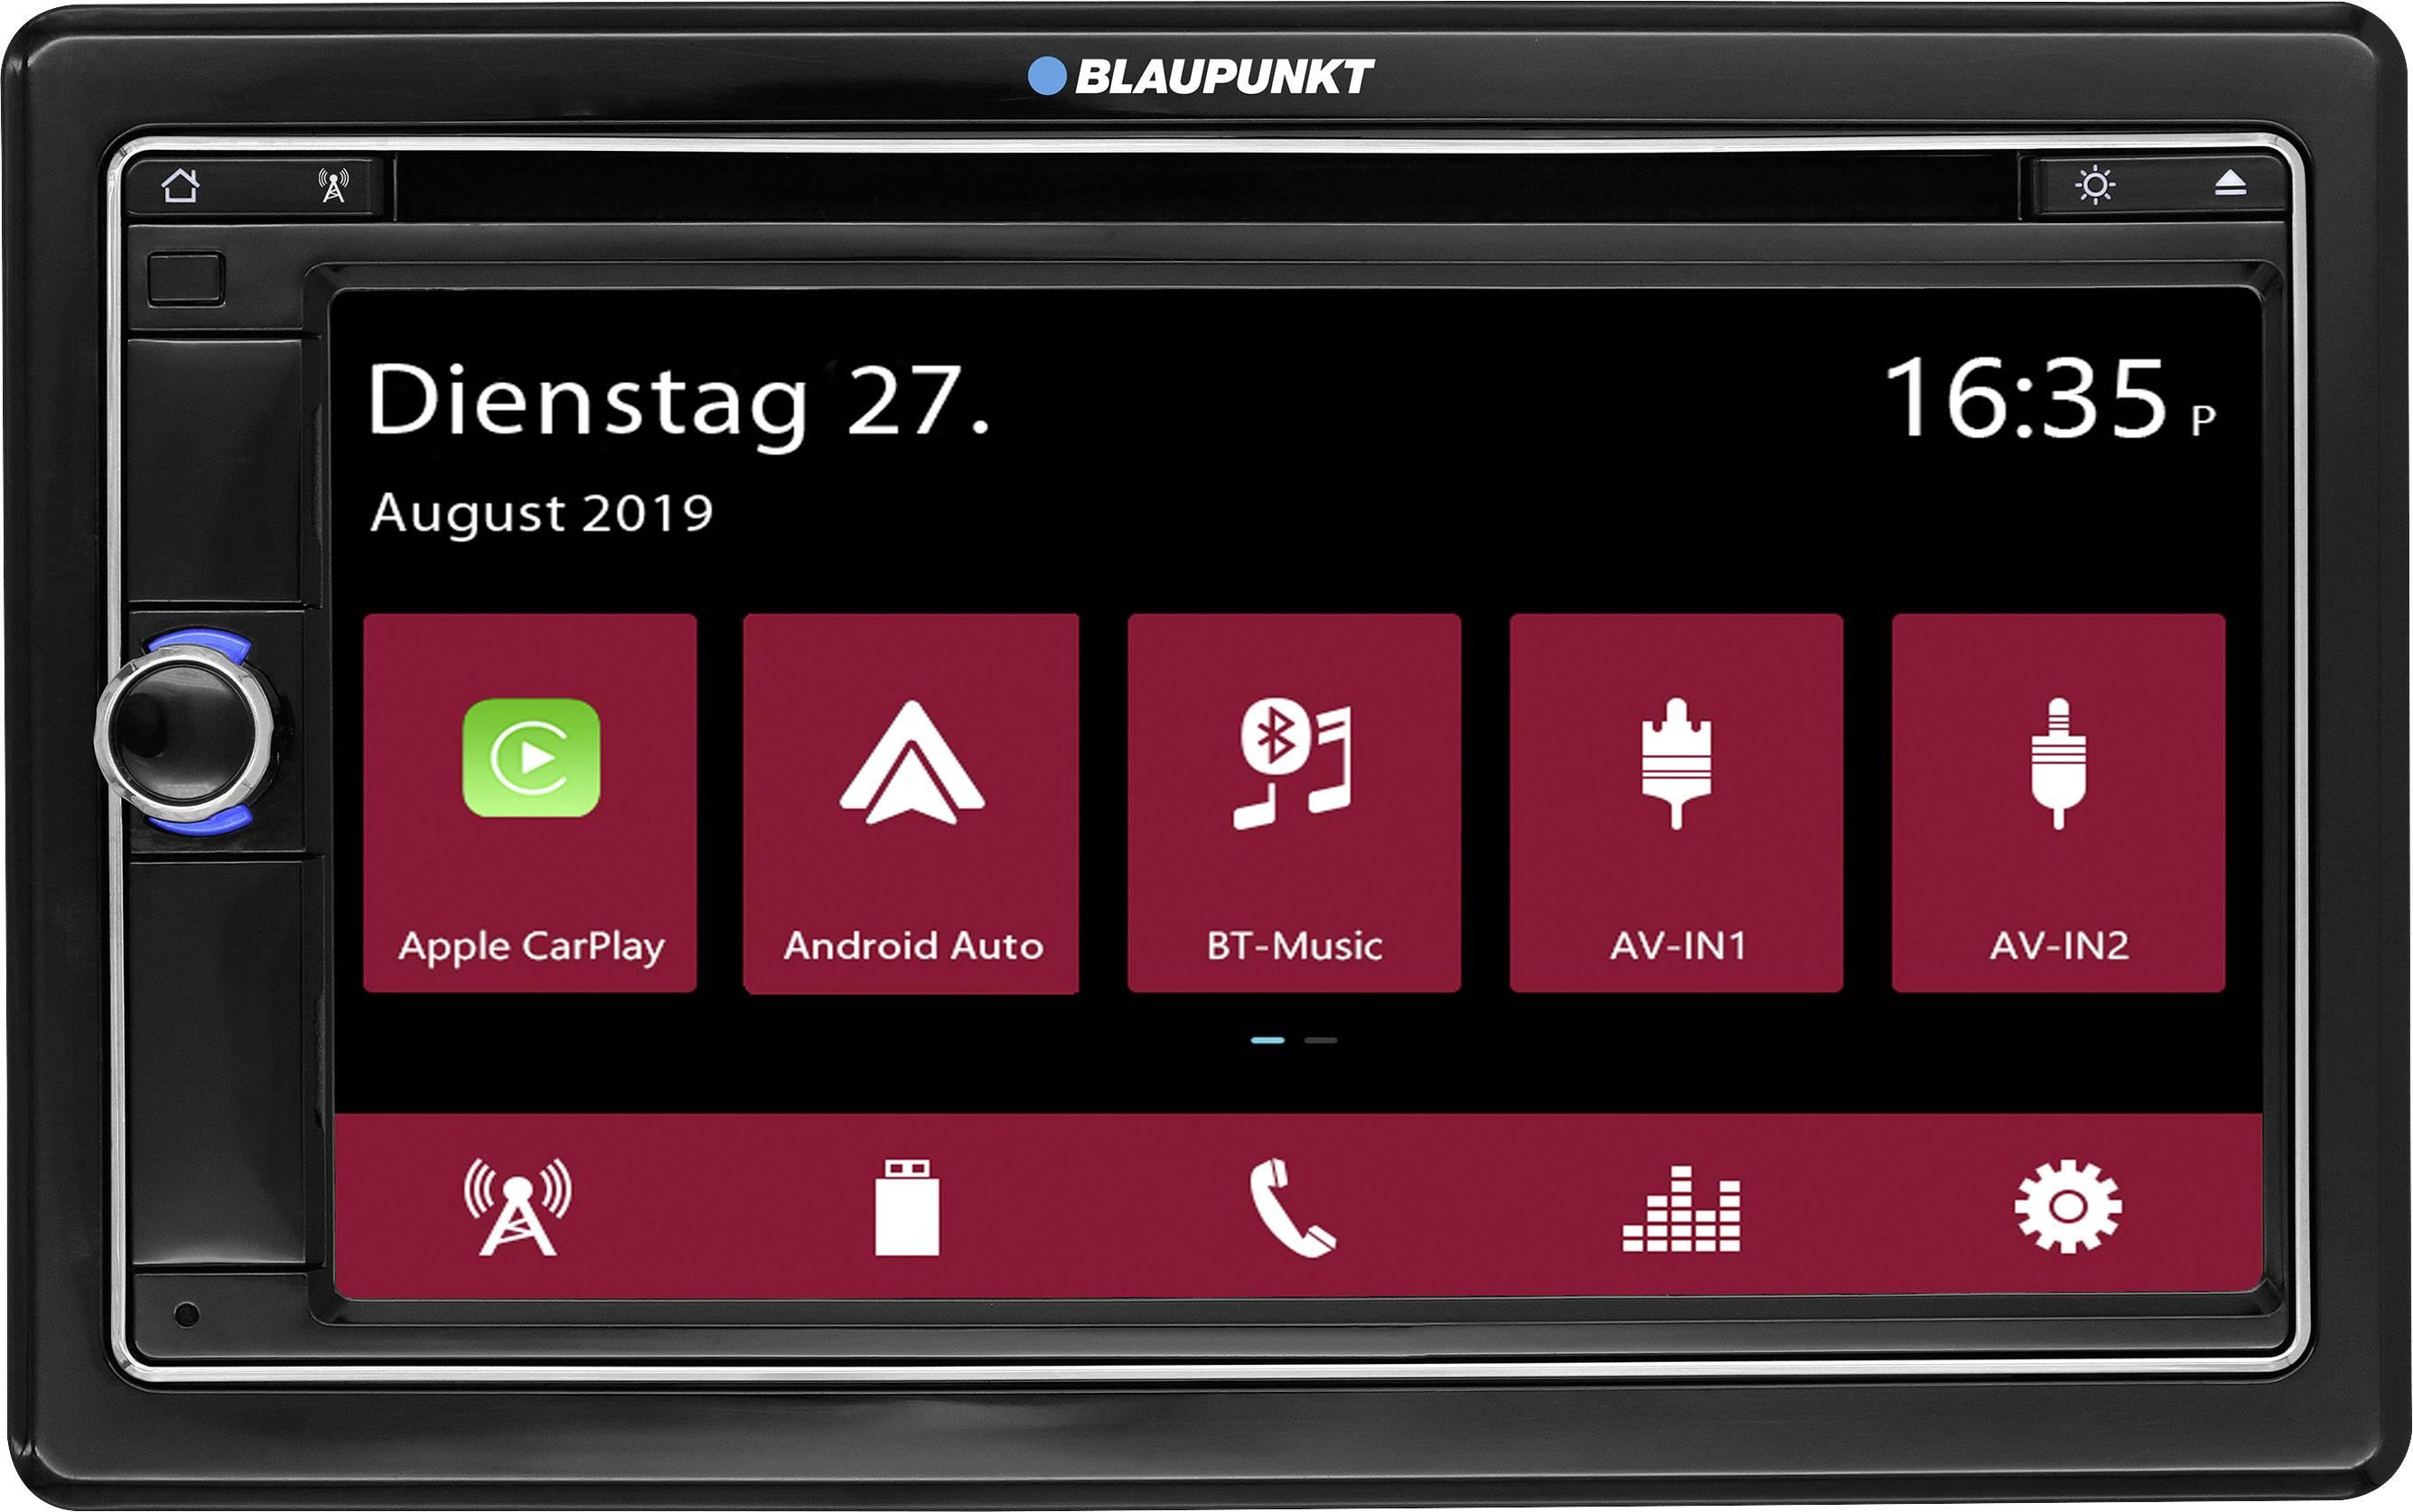 Conrad-Blaupunkt Vienna 790 DAB Autoradio met scherm dubbel DIN Bluetooth handsfree, Aansluiting voor stuurbediening, Aansluiting voor achteruitrijcamera, AppRadio, DAB+ tuner-aanbieding